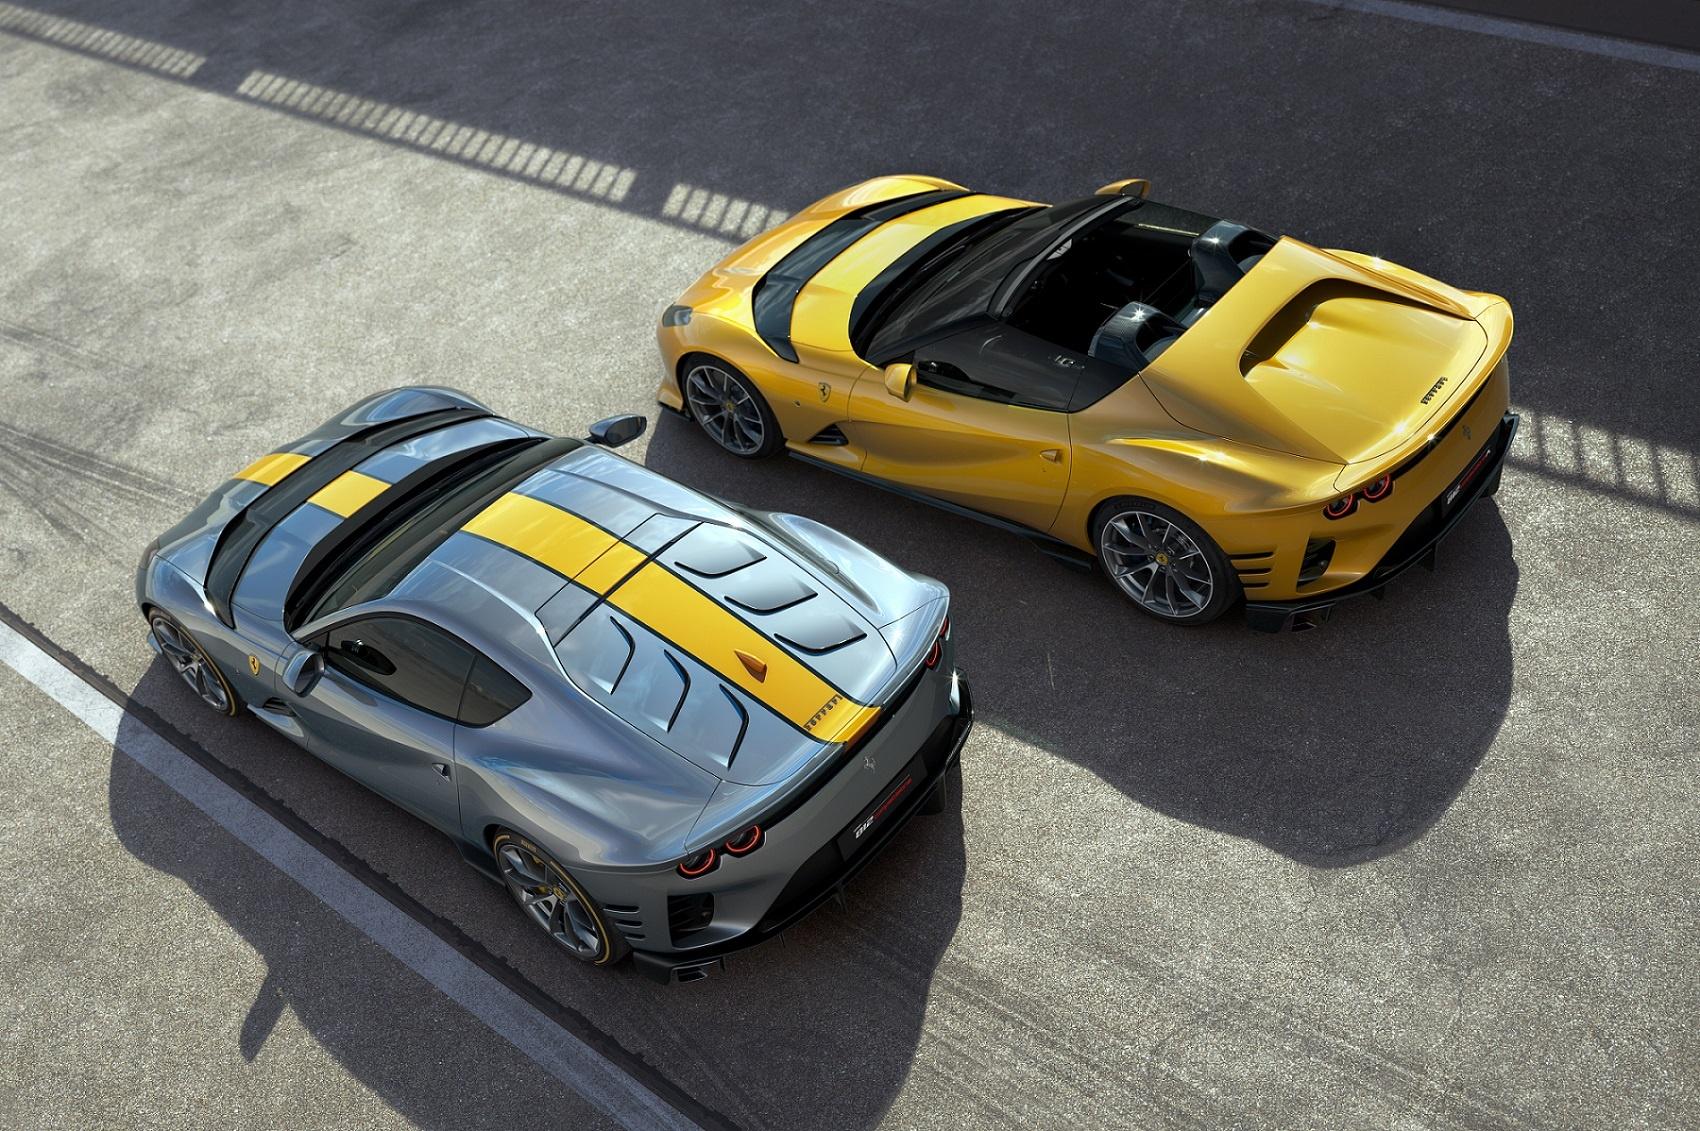 812 Competizione and 812 Competizione A: Two Interpretations of Ferrari's Racing Soul